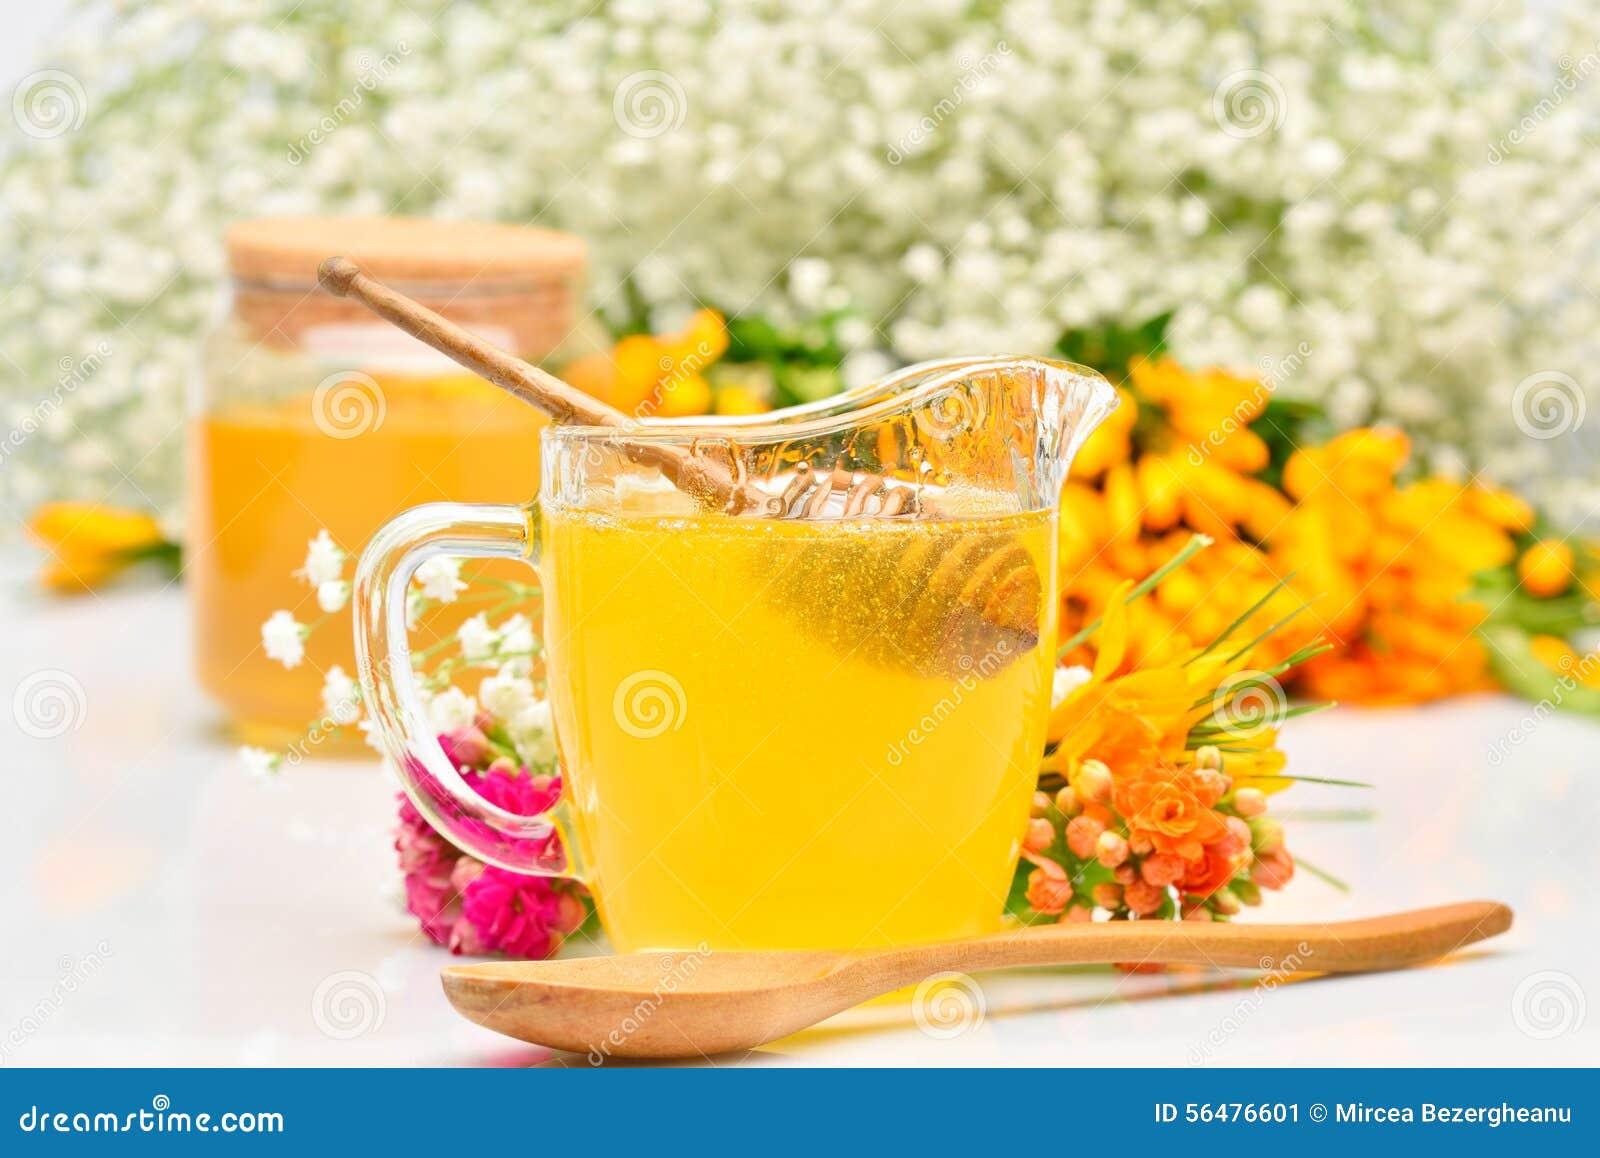 Miel d or et fleurs colorées